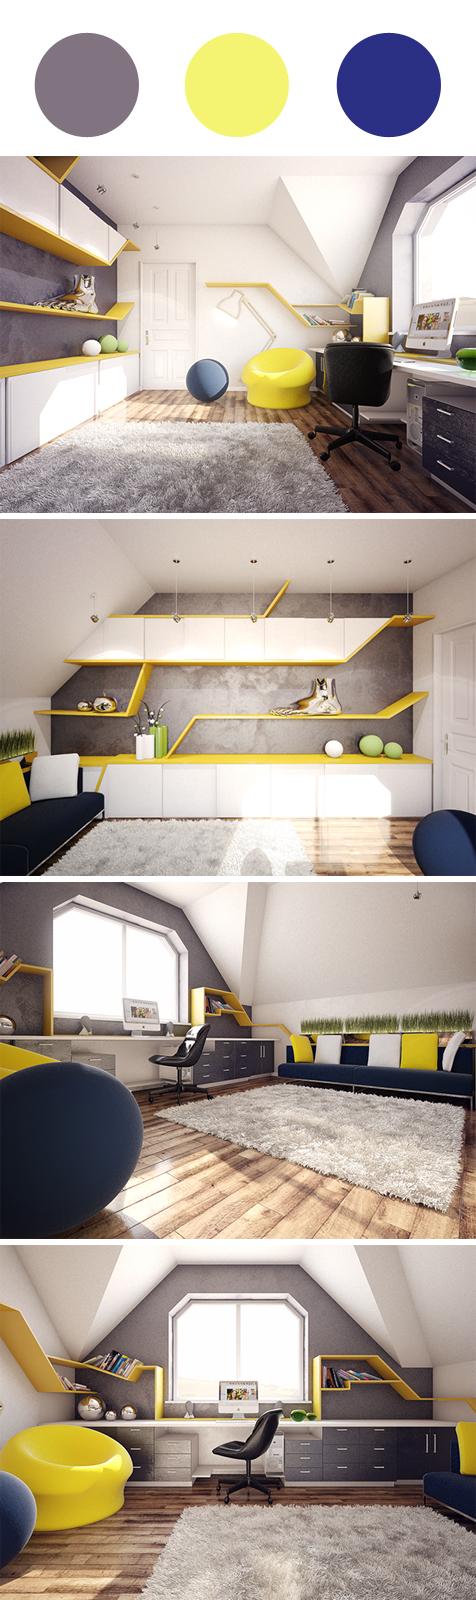 Decoração home office azul, amarelo e cinza